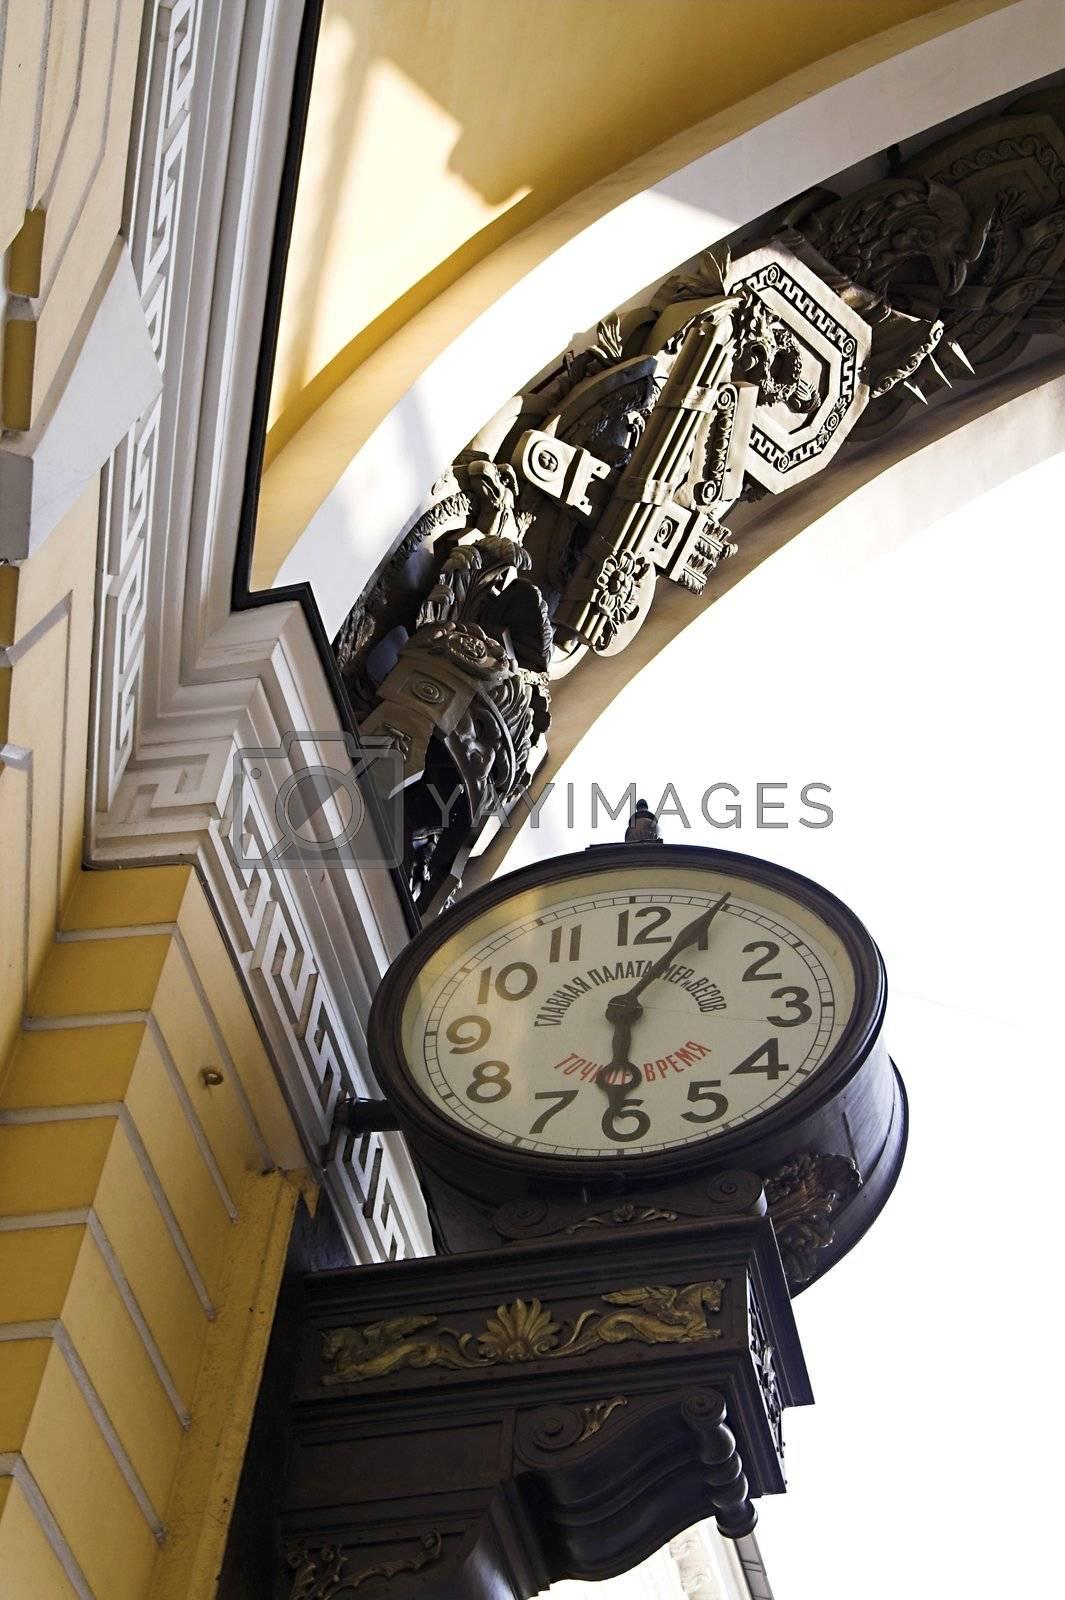 Old-style Public Clocks by simfan